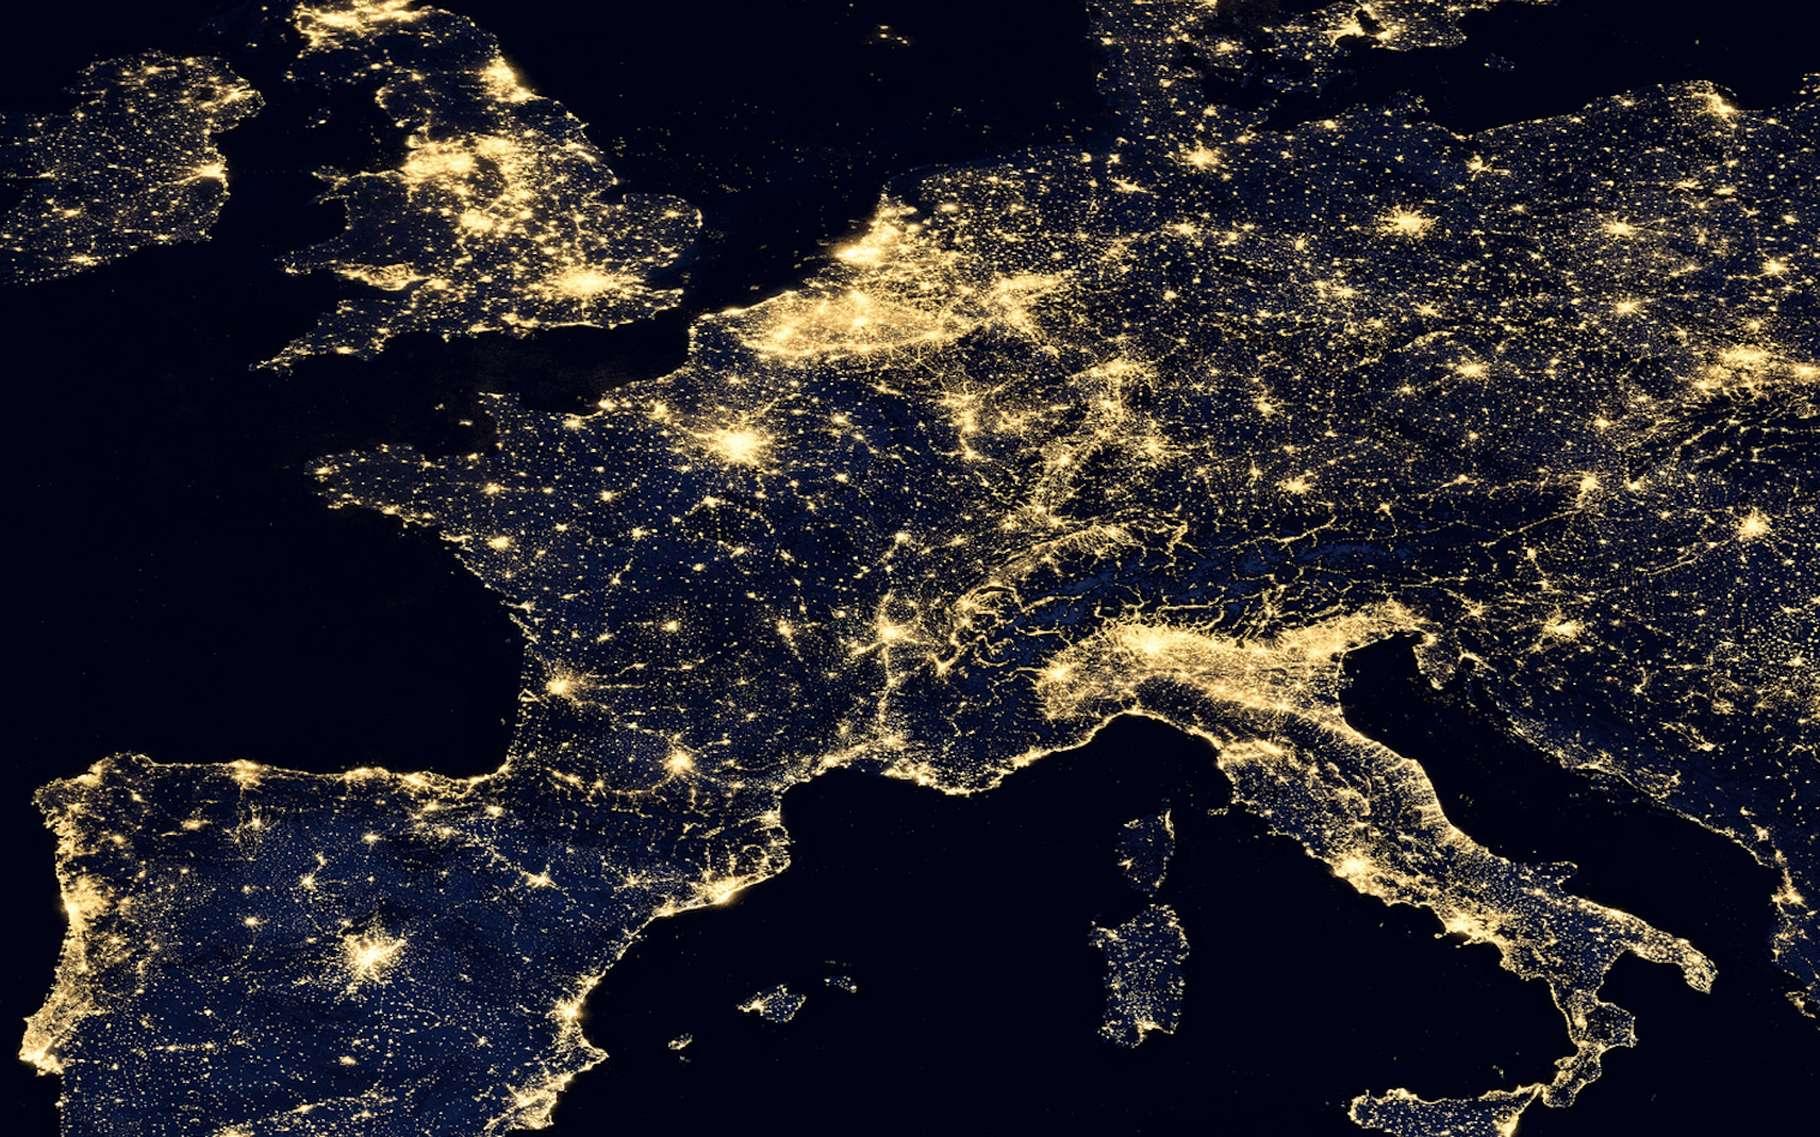 Alors que l'adoption de la technologie LED devait conduire à des éclairages de nuit plus raisonnés, la pollution lumineuse semble bien s'accroître un peu partout dans le monde. © nasa_gallery, Fotolia